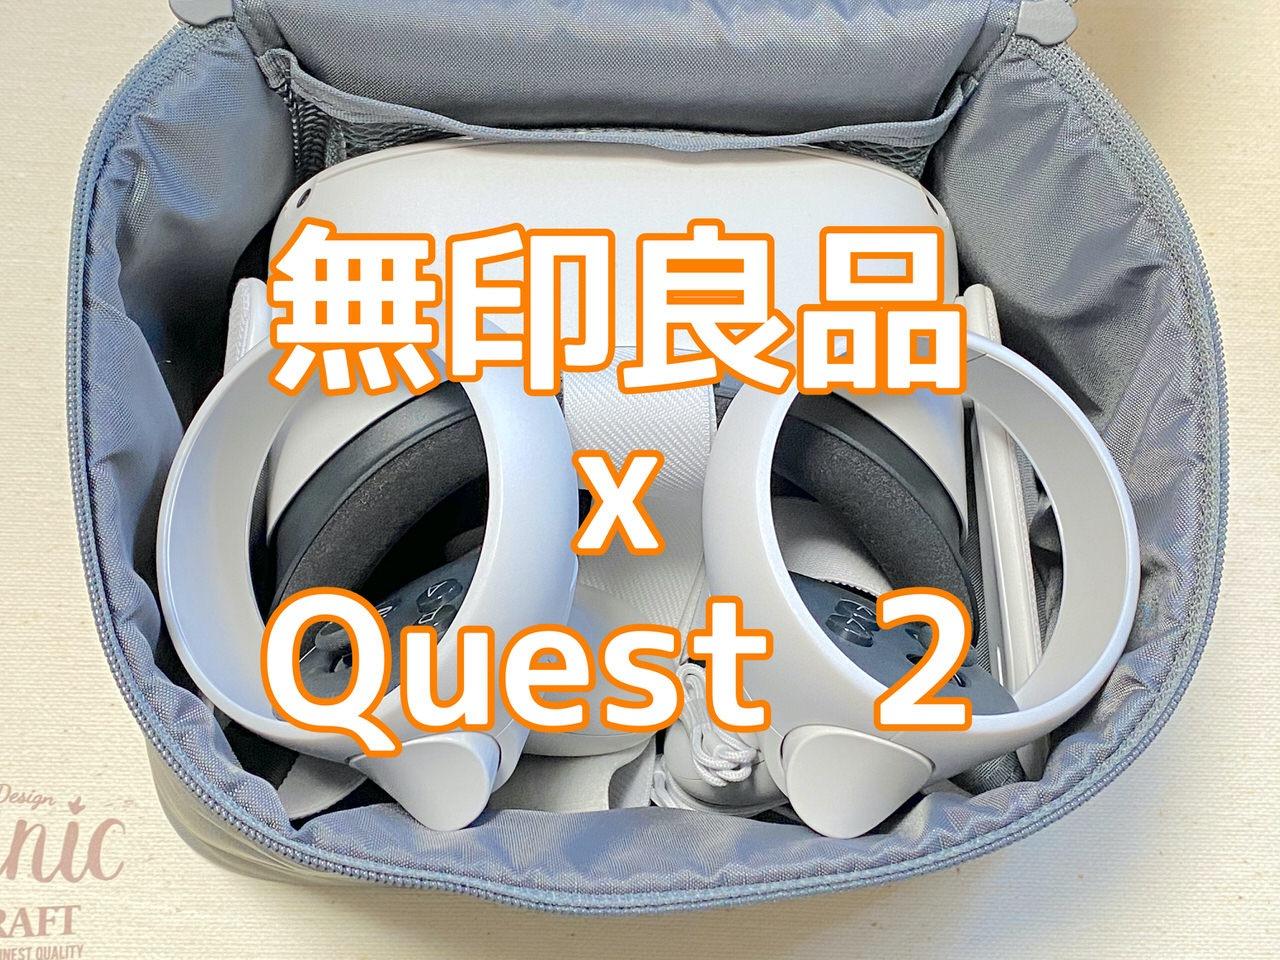 無印良品のメイクボックスが「Oculus Quest 2」のケースとしてバチッとハマる